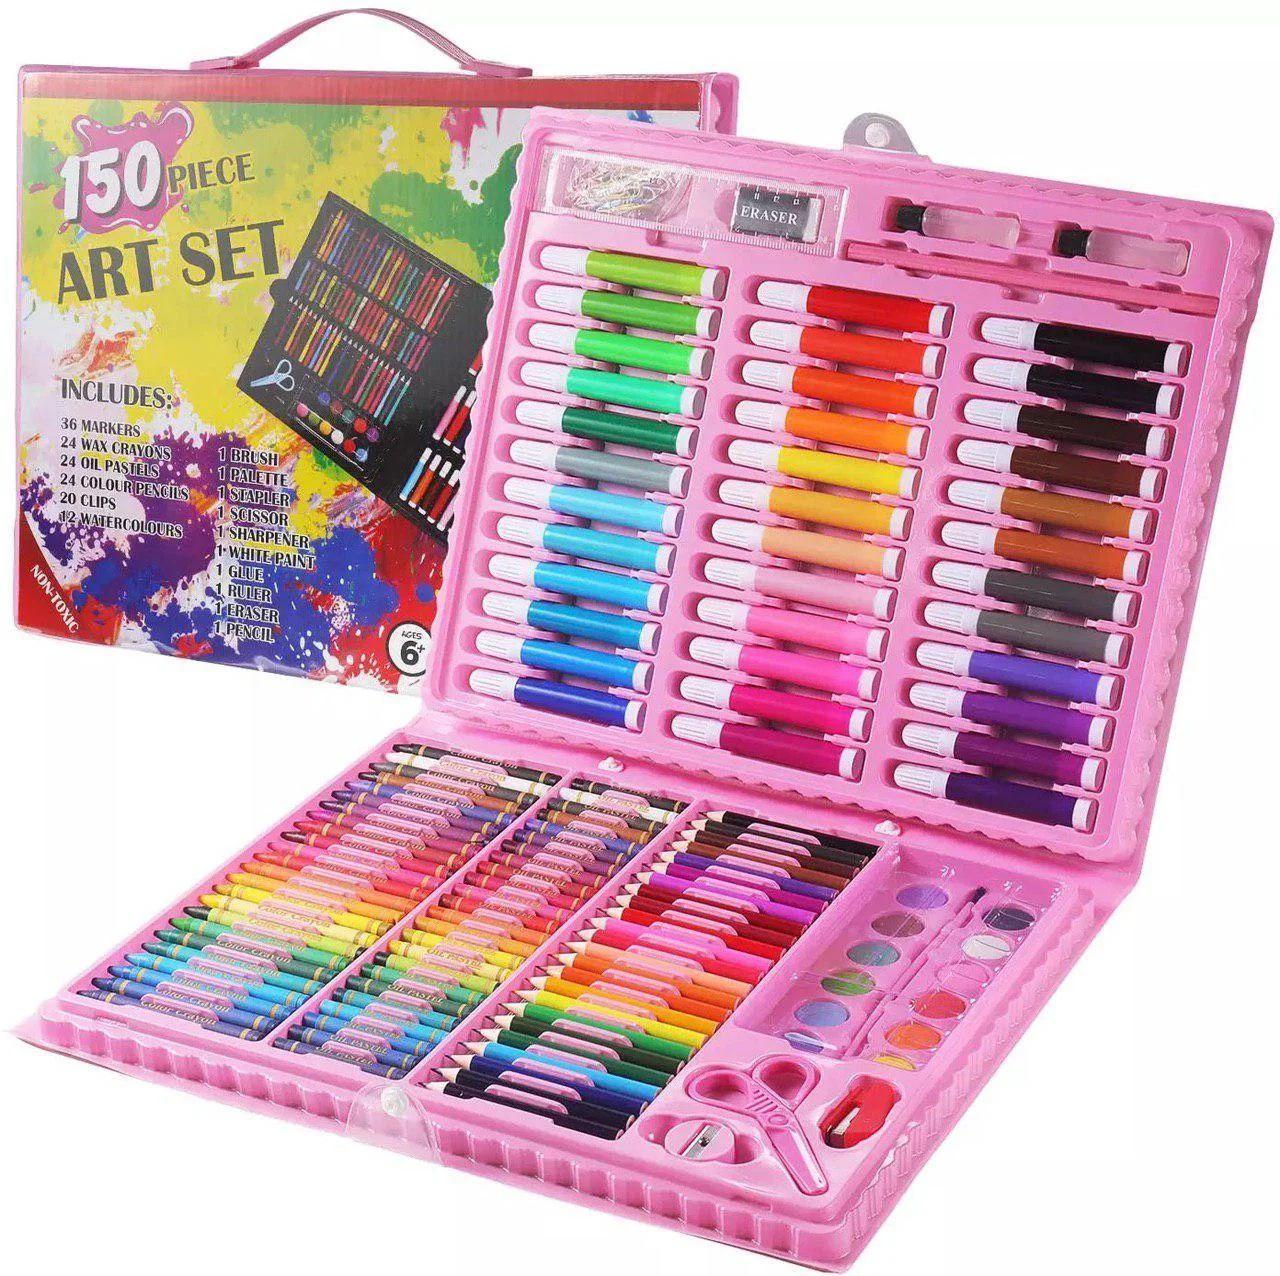 Набор для детского творчества в чемодане из 150 предметов, детский набор для рисования